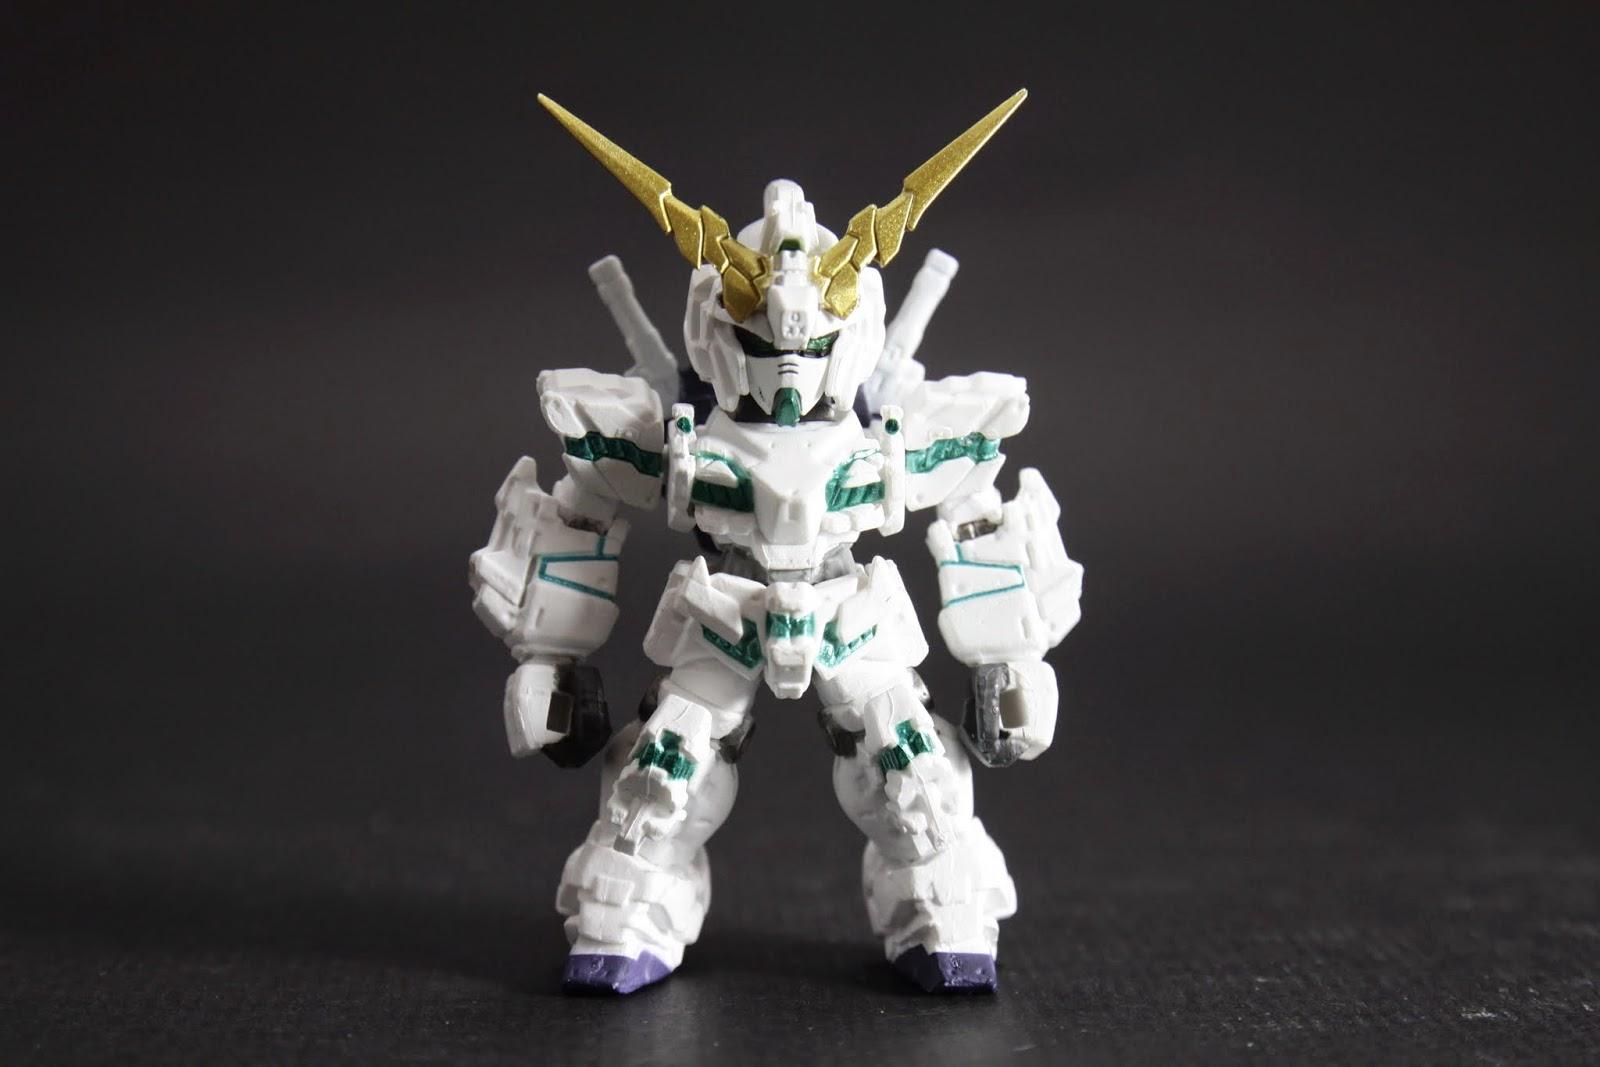 """簡單說是呼應U.C.0093時 Nu Gundam使出絕招""""阿克西斯返""""的時候發出來的奇蹟之光"""